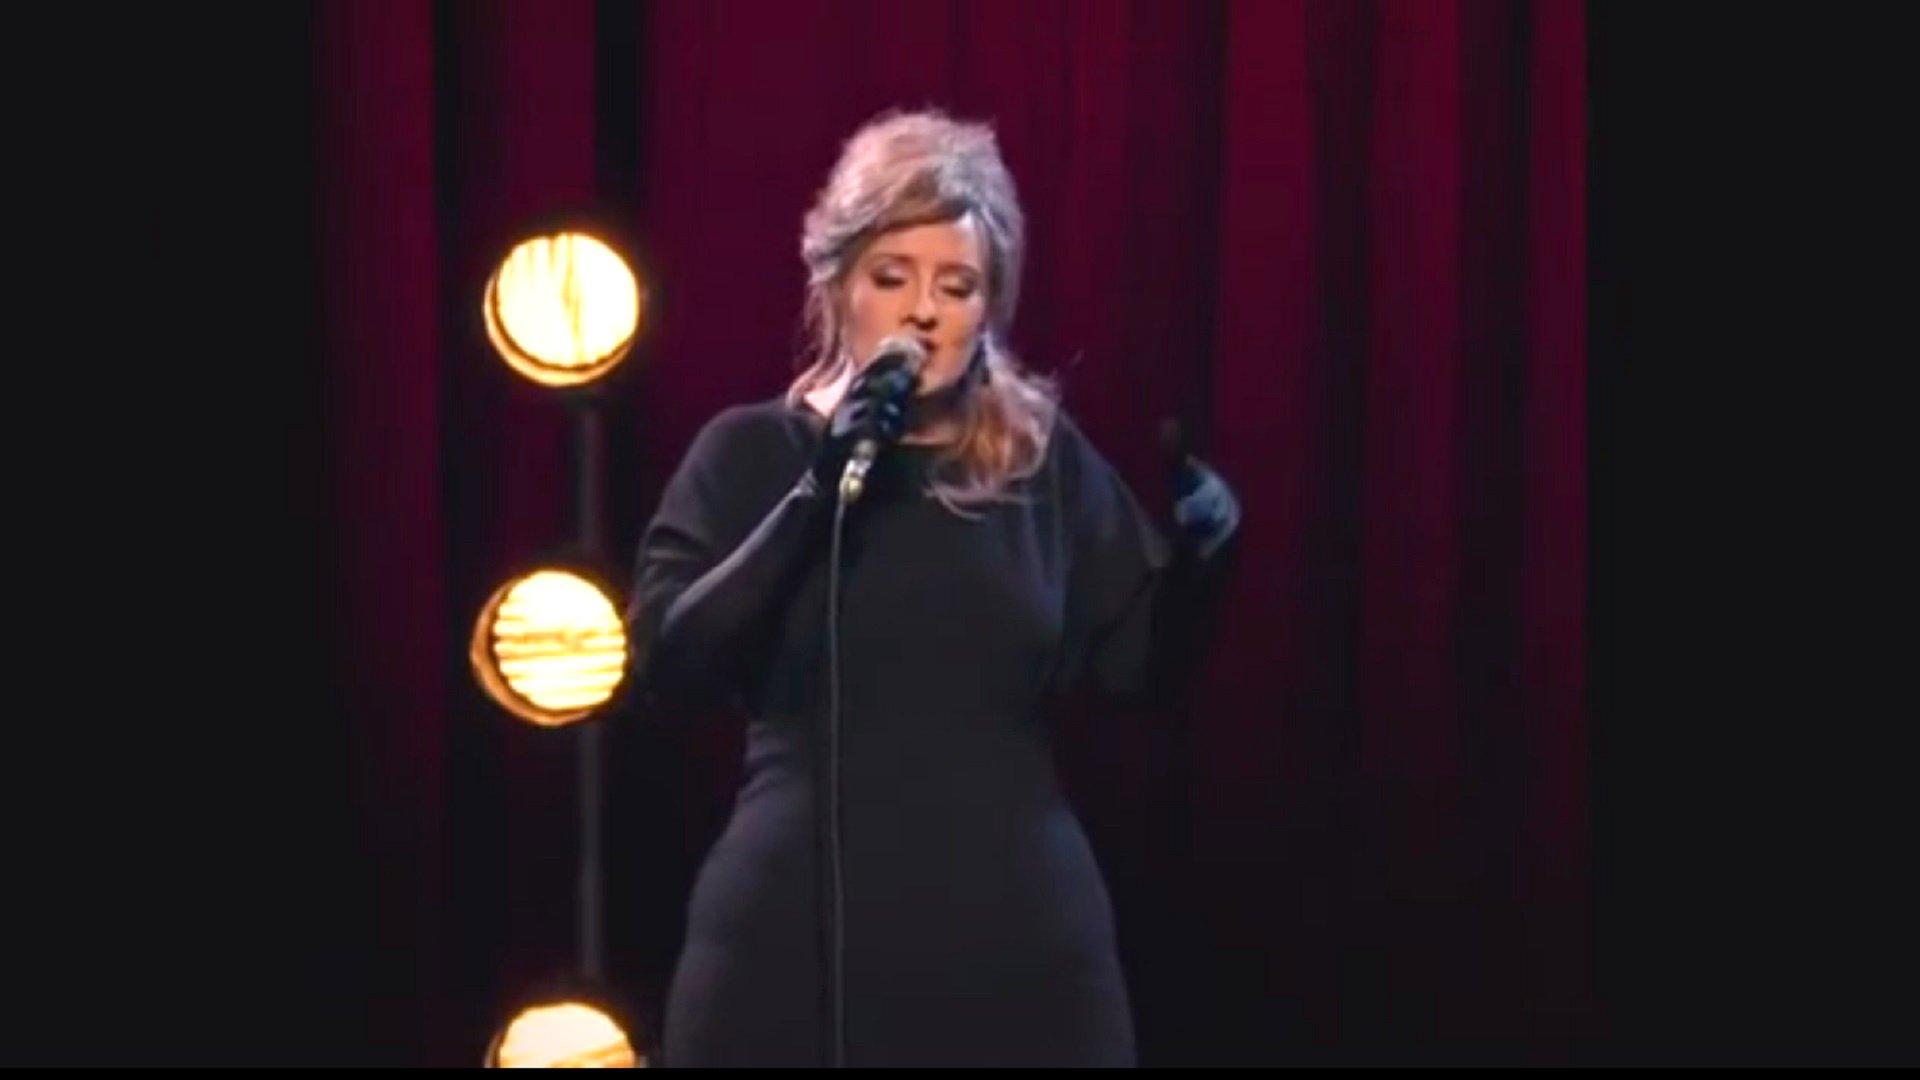 Adele überrascht beim Adele-Doppelgänger-Wettbewerb